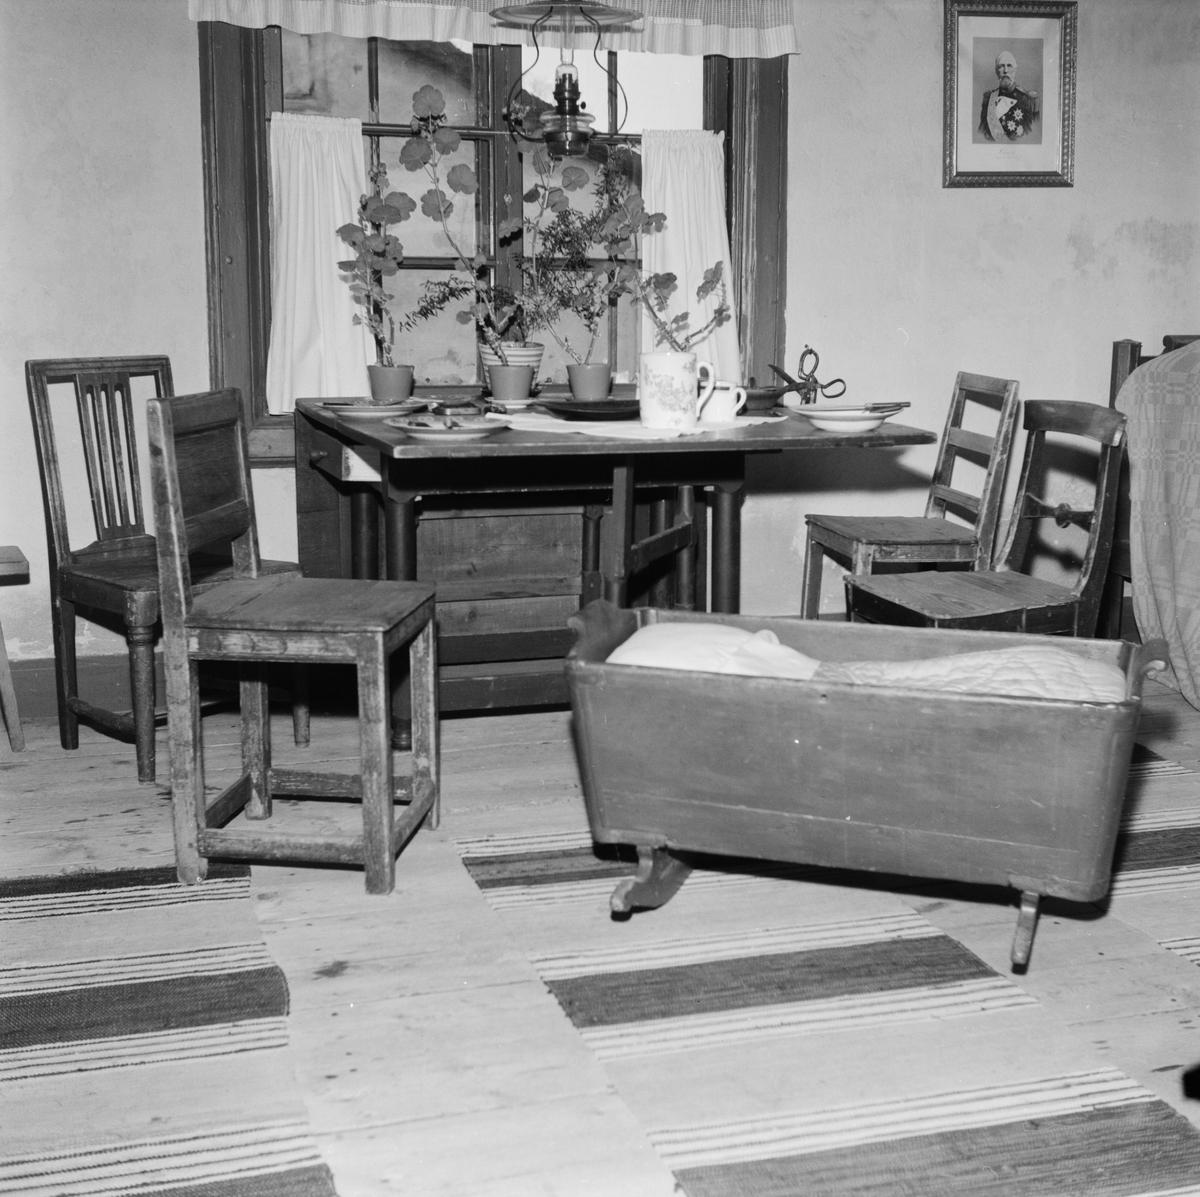 Hembygdsintresset börjar åter få fart i Söderfors, Söderfors socken, Uppland, december 1971